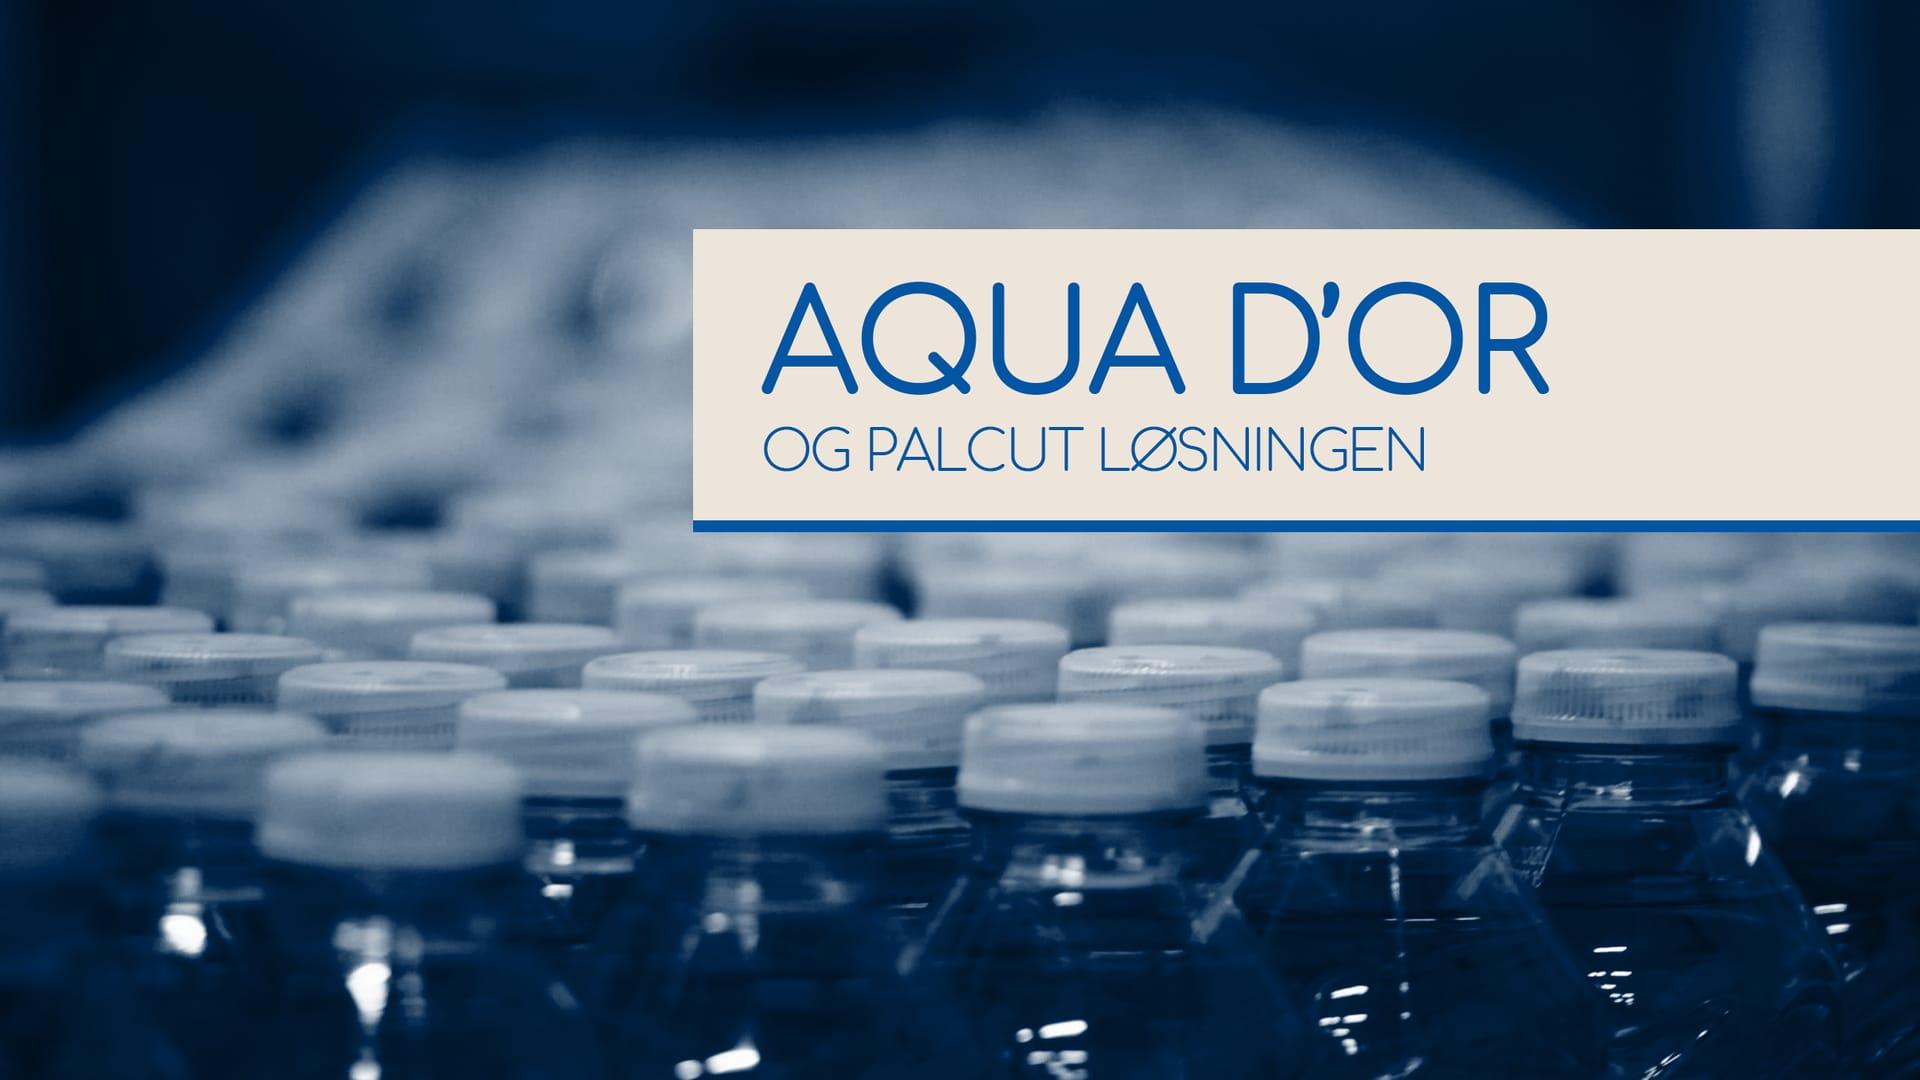 Aqua d'Or og Palcut løsningen